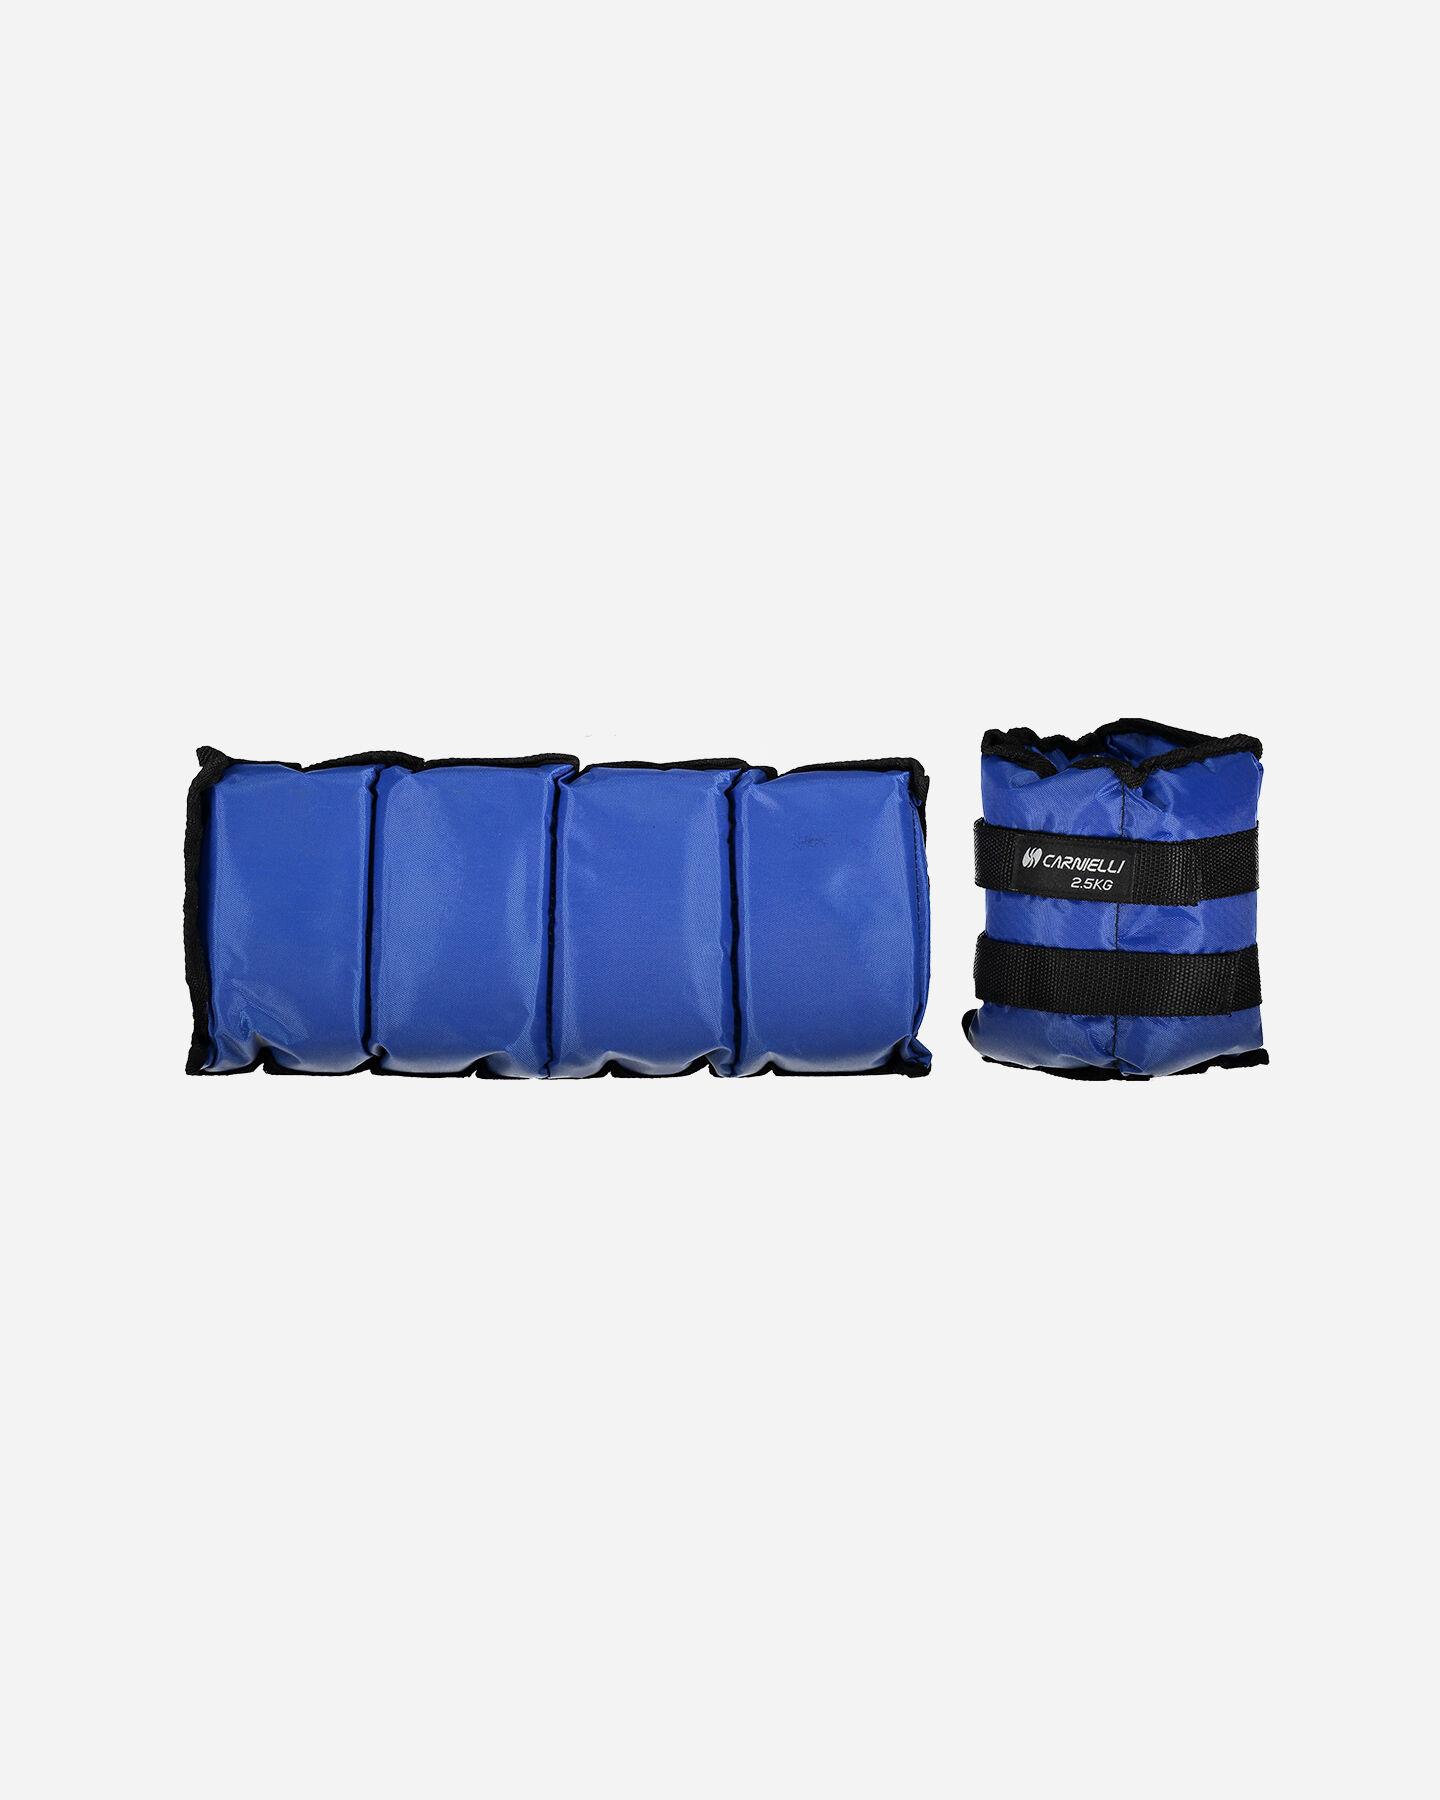 Accessorio pesistica CARNIELLI CAVIGLIERE 2,5 KG S1328749|1|UNI scatto 0